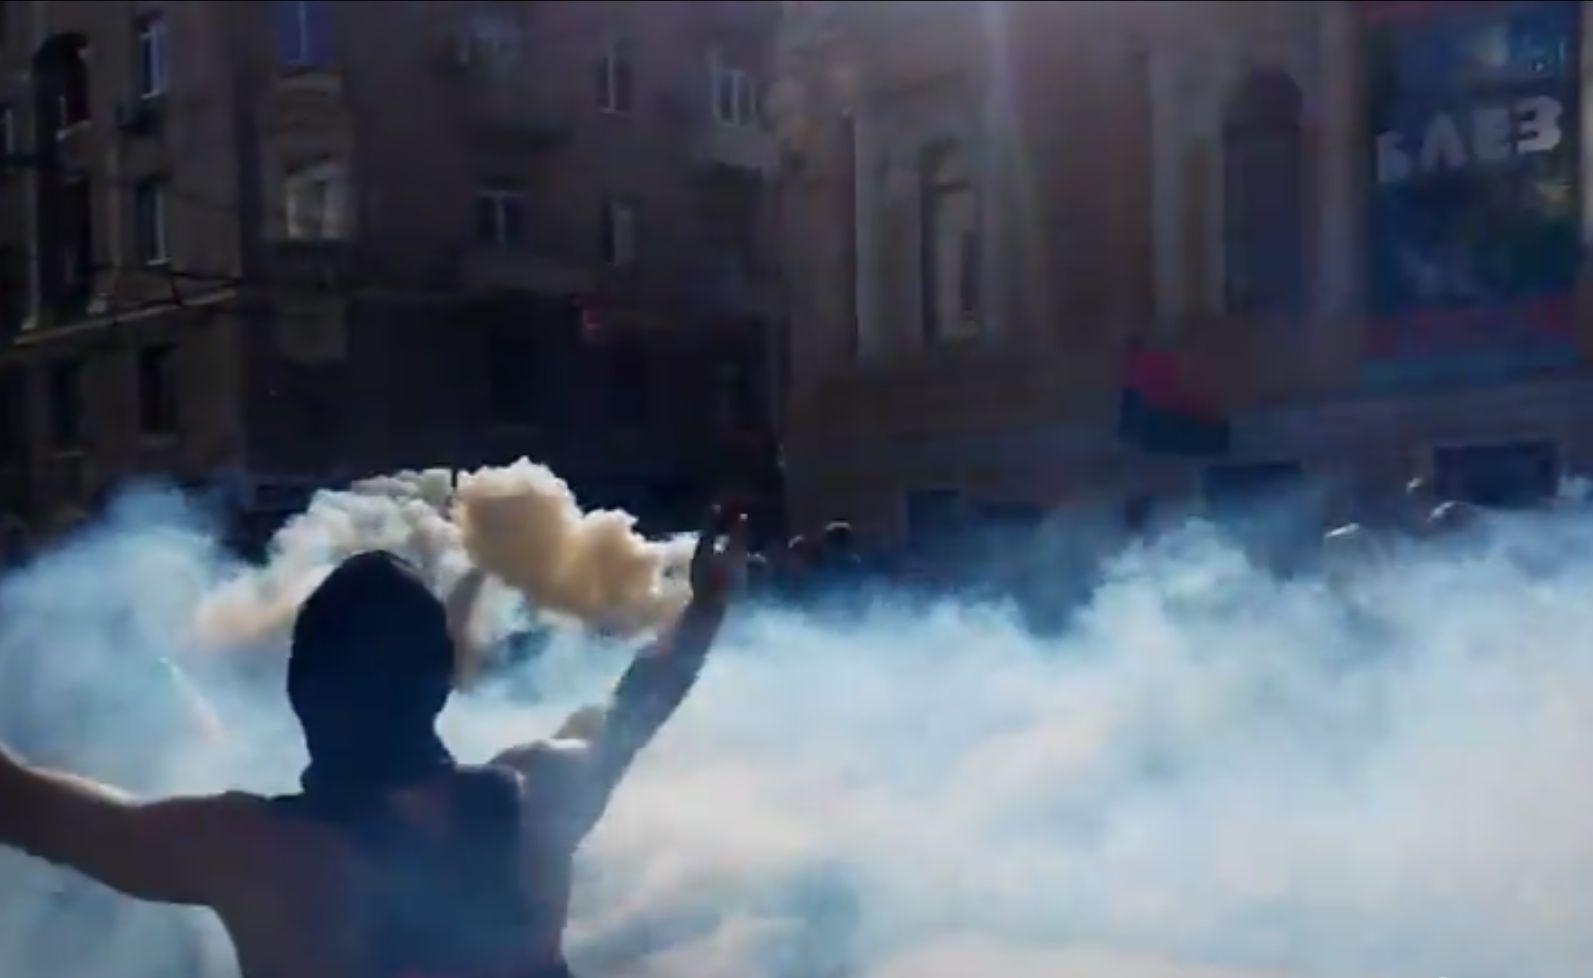 Ультрас в Харькове устроили масштабный марш за Украину и спели песню про Путина. Видео 18+